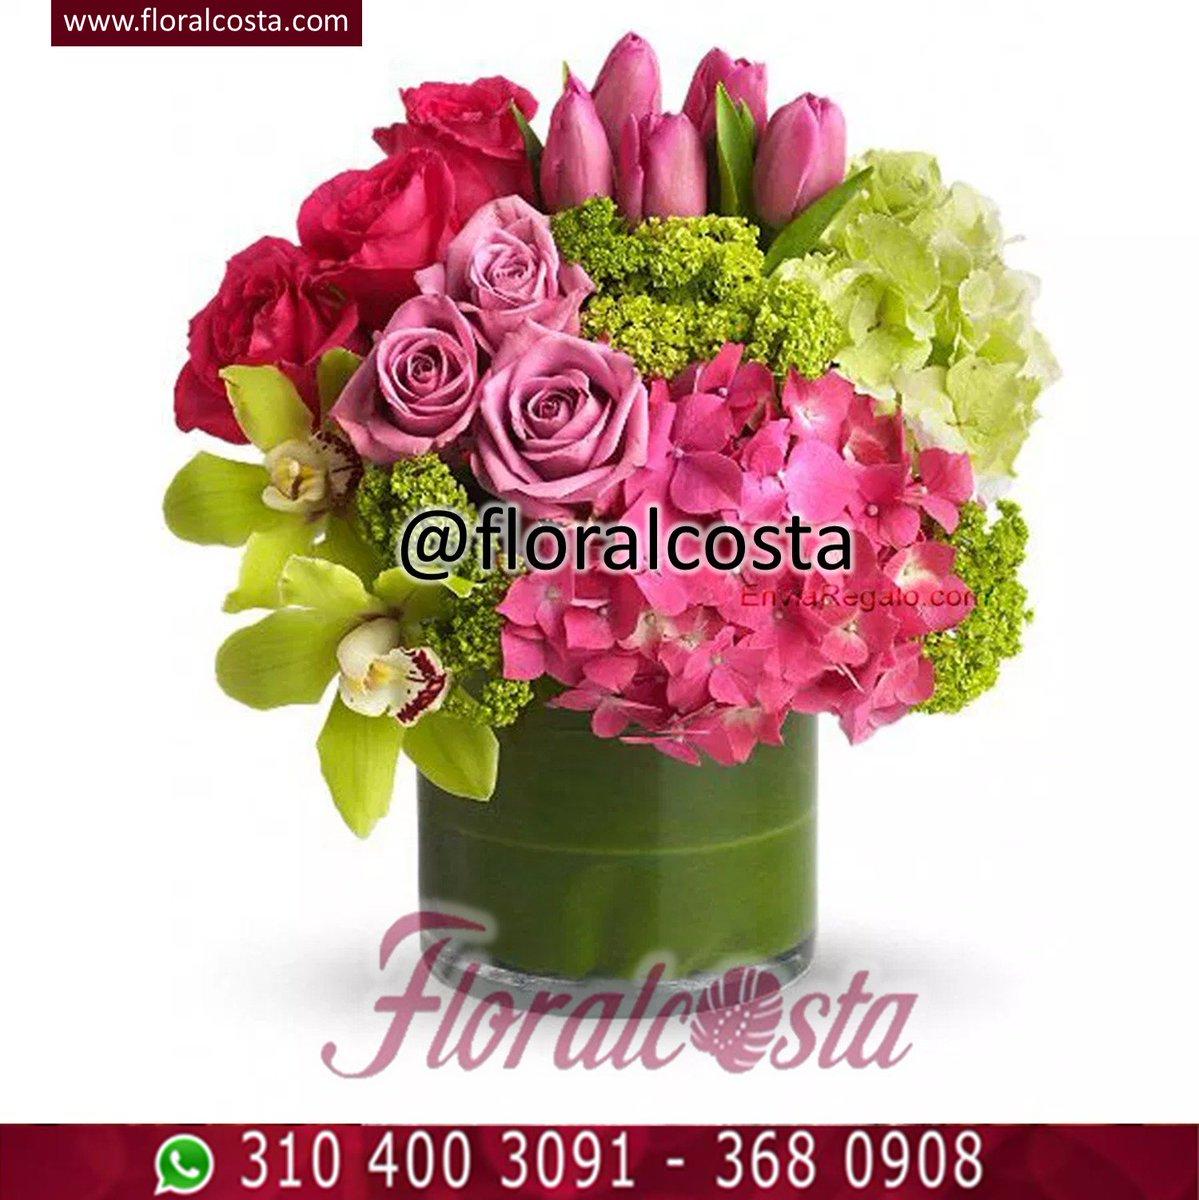 Floralcosta On Twitter Variedad En Arreglos Florales Para